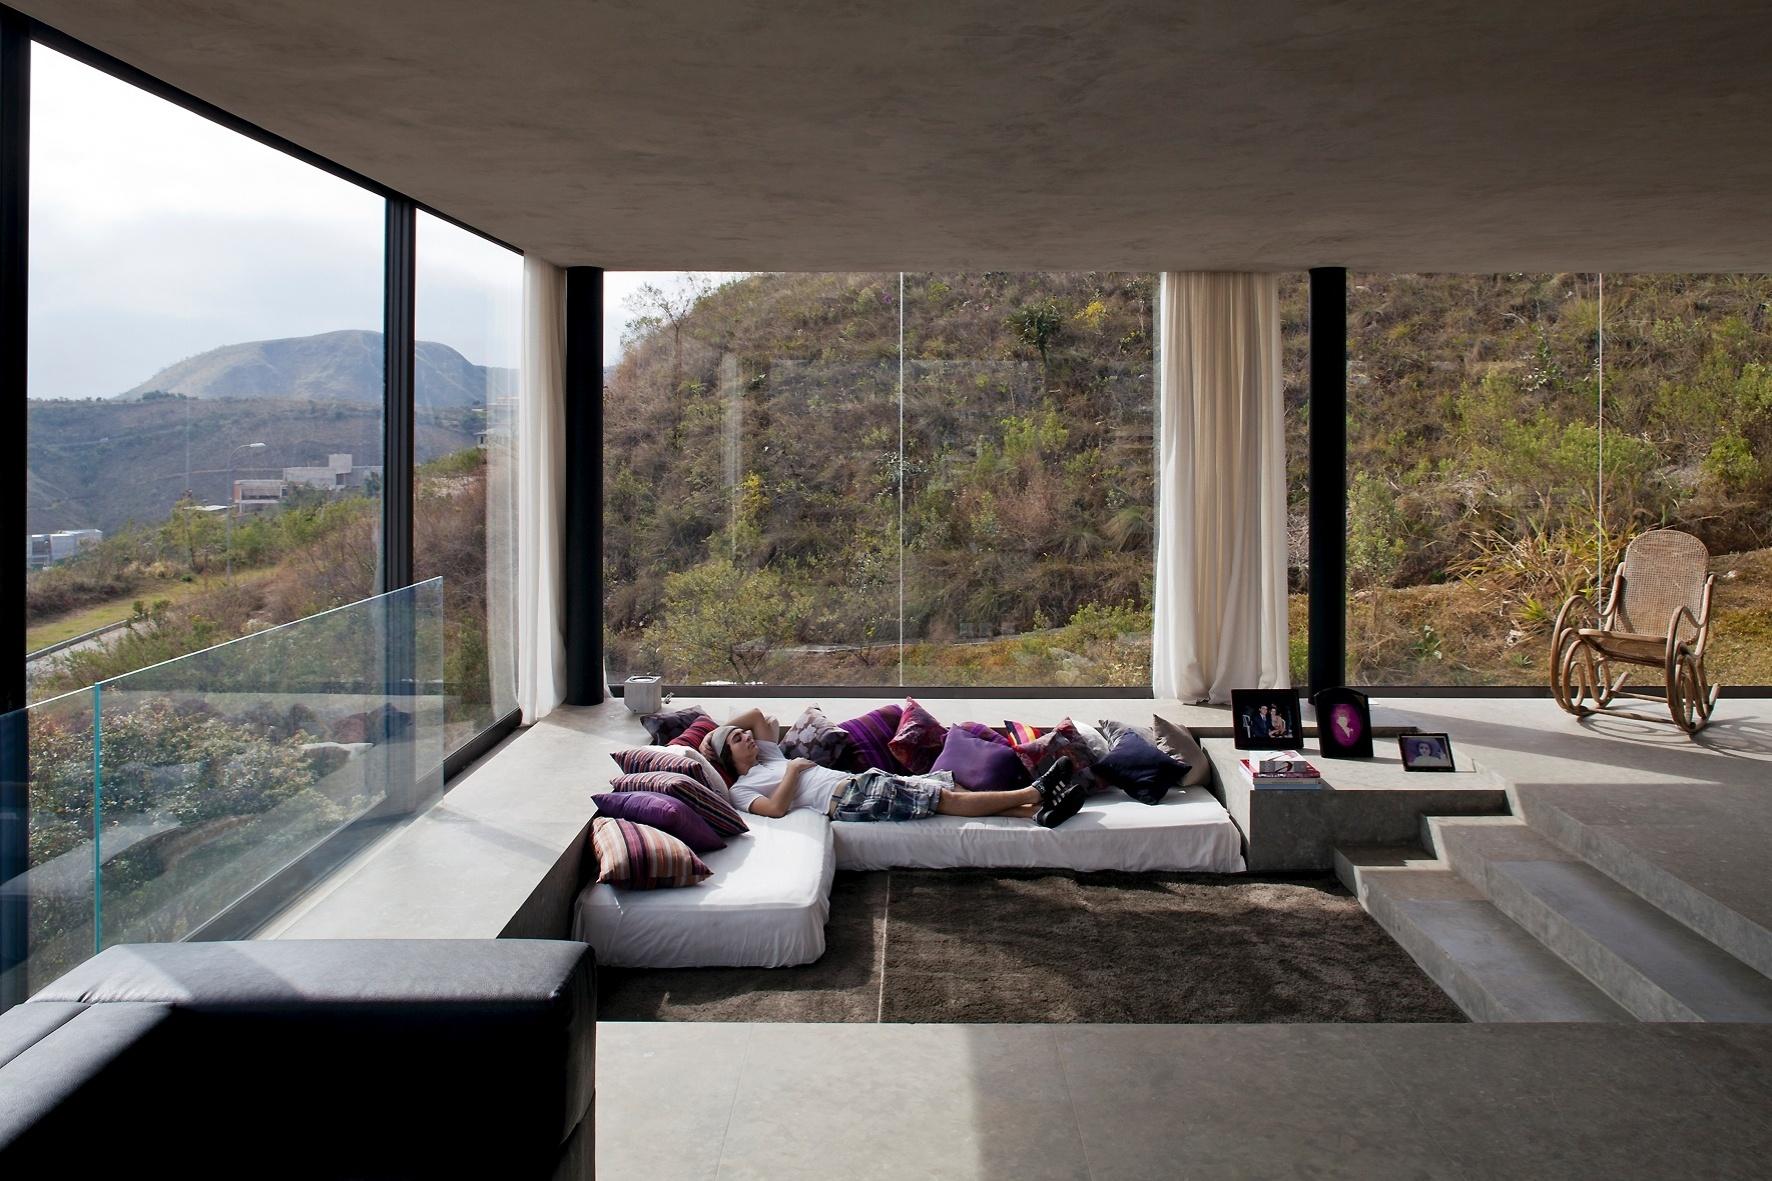 Implantado no rebaixo do chão, um sofá bom de deitar aconchega os moradores e visitantes no volume que abriga a área social da casa EG, projetada por Marcelo Alvarenga, em Nova Lima (MG)